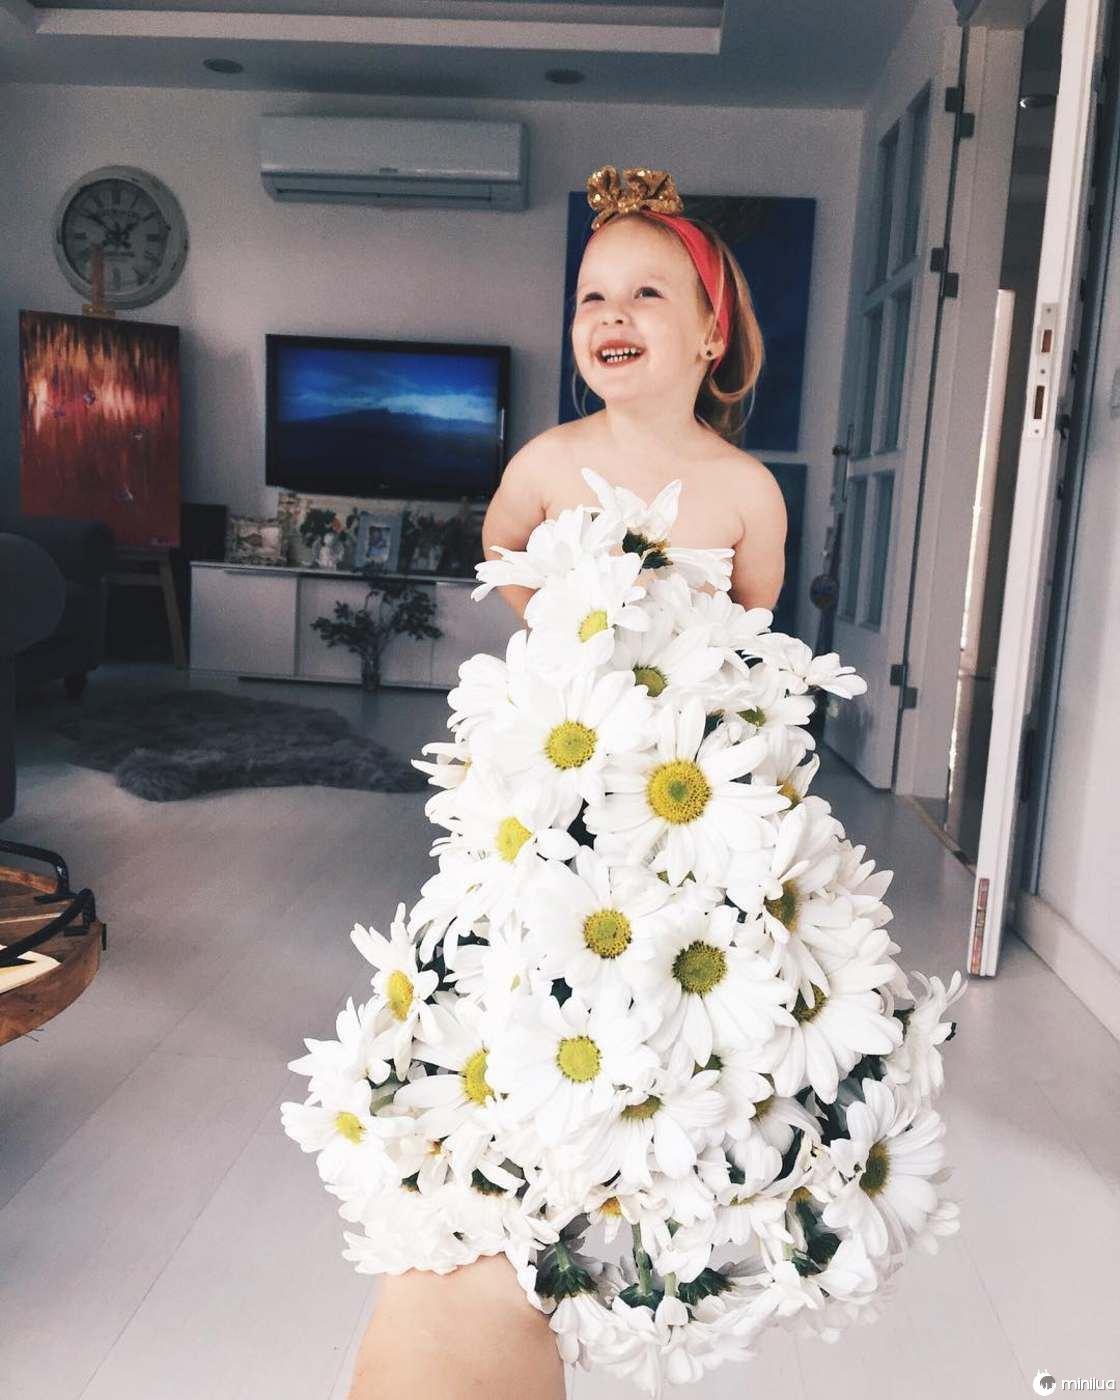 Mãe e Filha De 3 Anos Fazem Sucesso No Instagram Com Os Seus Criativos Vestidos 8